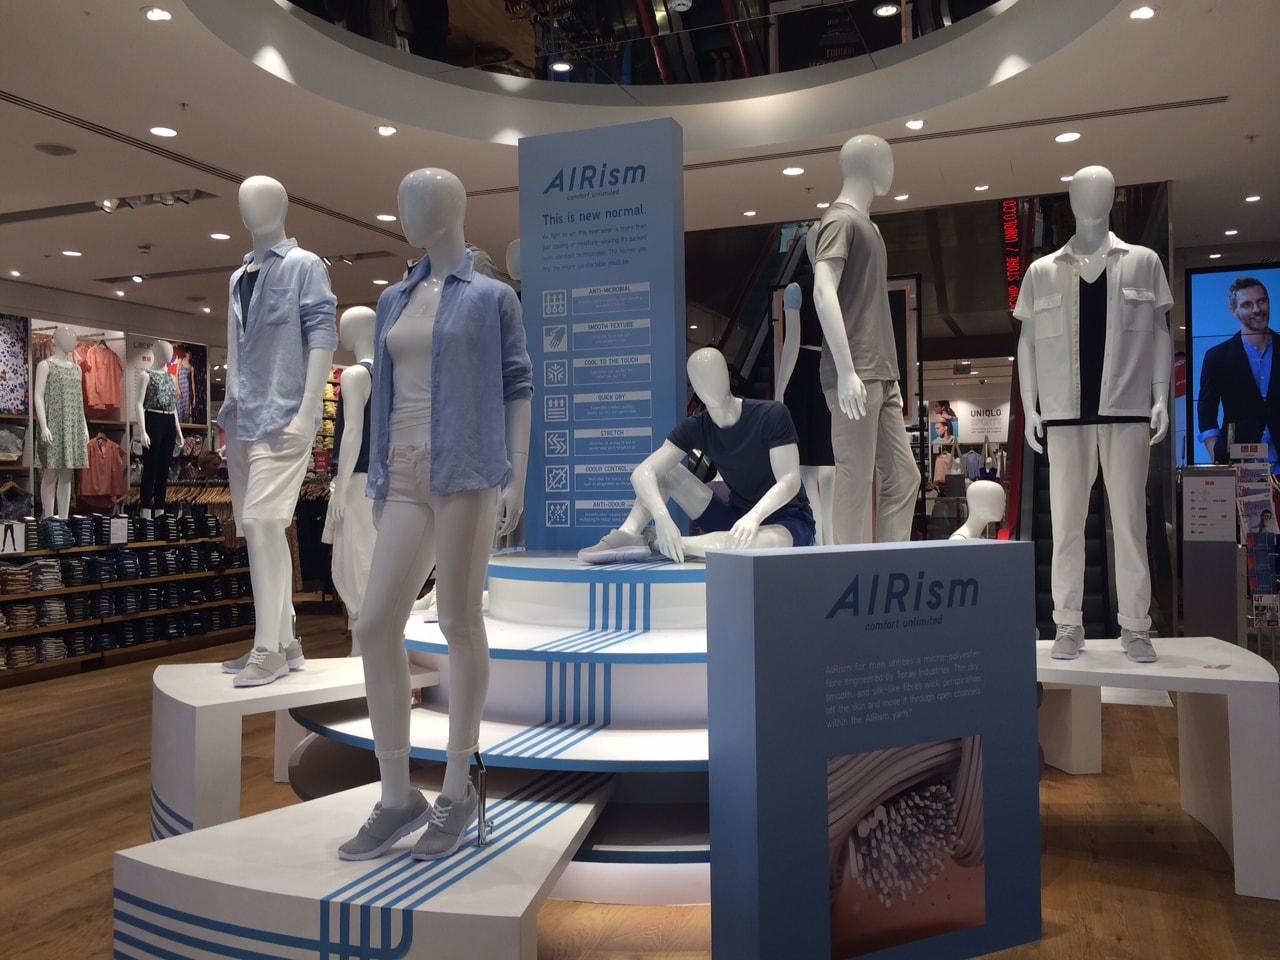 A japonesa Uniqlo quer ser a rede varejista de moda número 1 do mundo investindo em lifewear stylo urbano-1